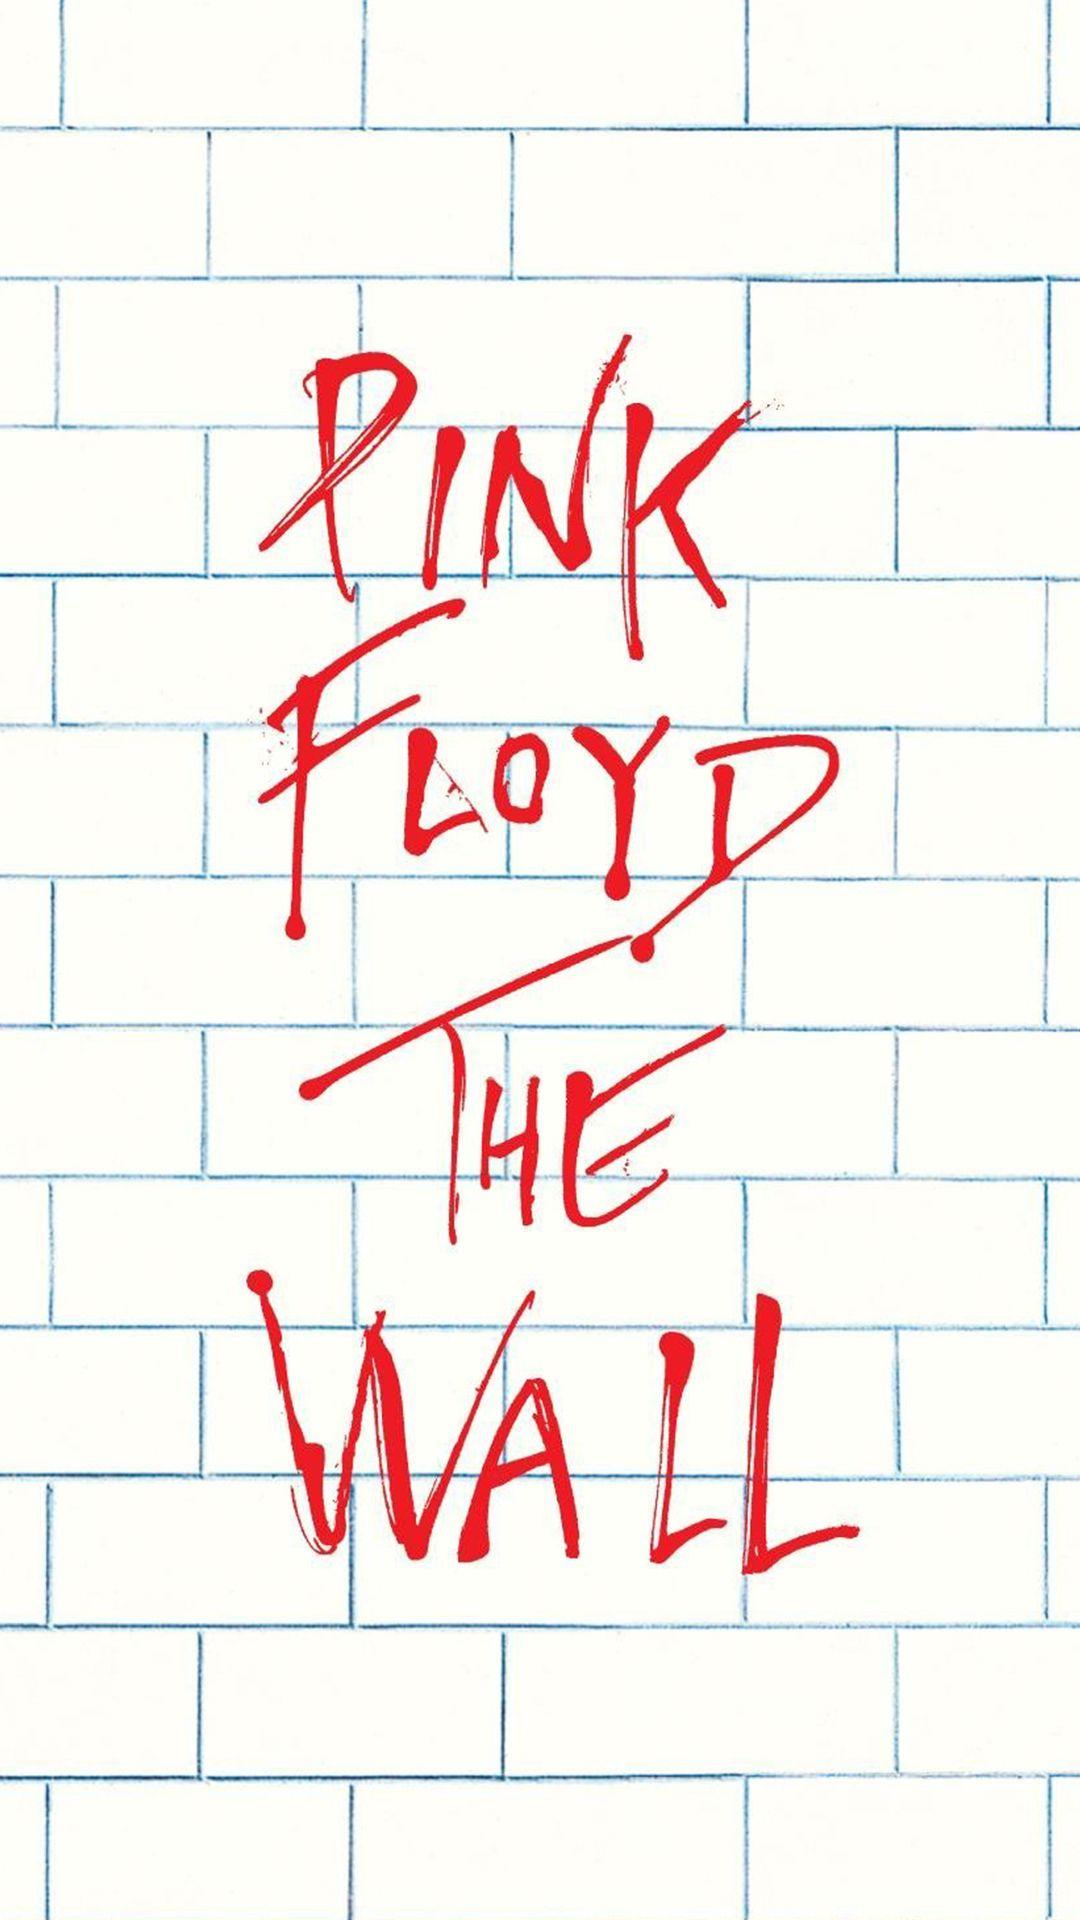 Pink Floyd The Wall 1093 Jpg 1 080 1 920 Pixeles Pink Floyd Wallpaper Pink Floyd Art Pink Floyd Poster